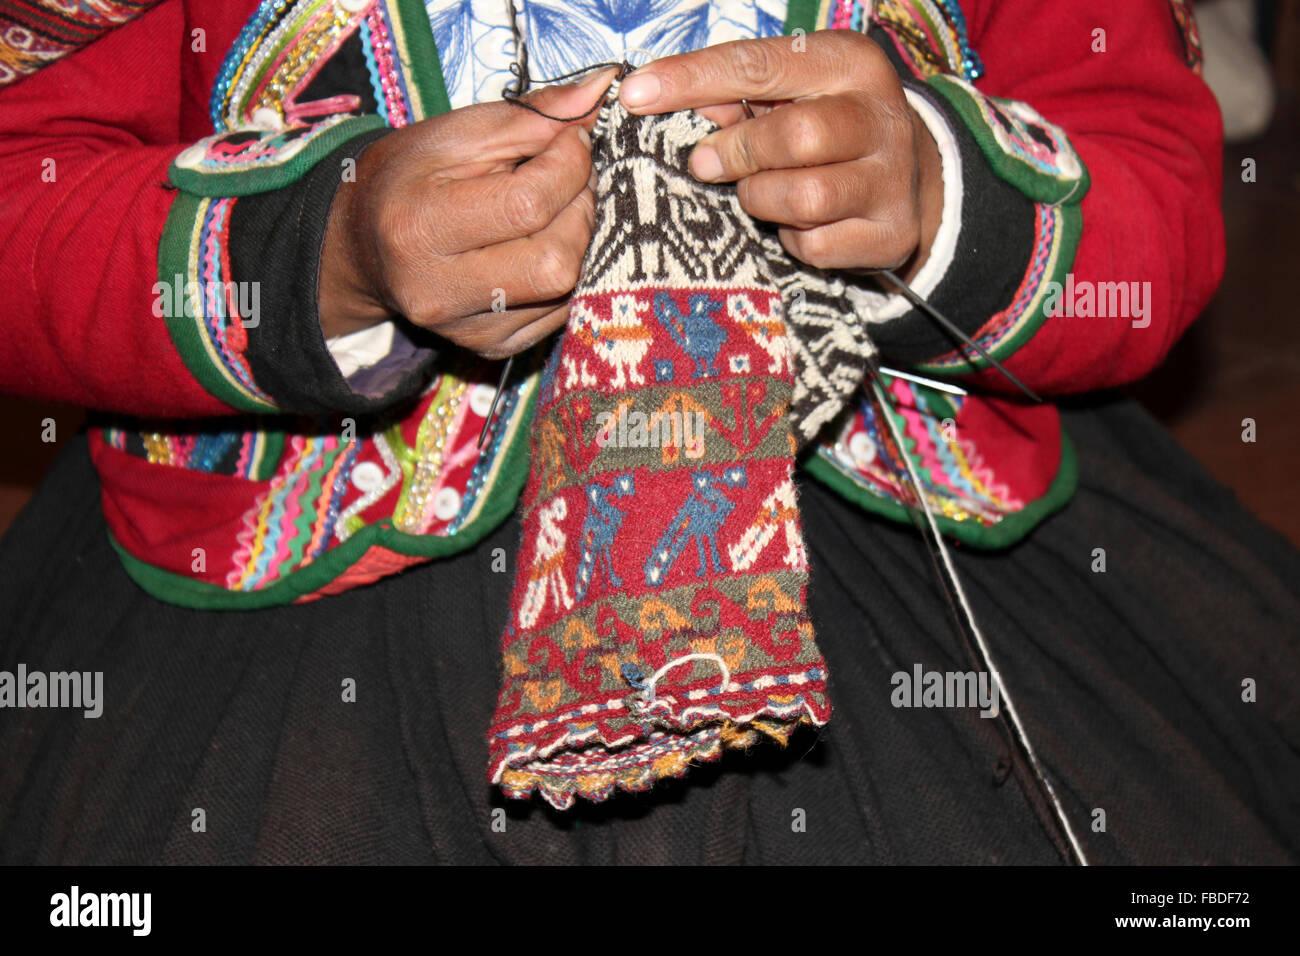 Peru Woman Knitting - Stock Image